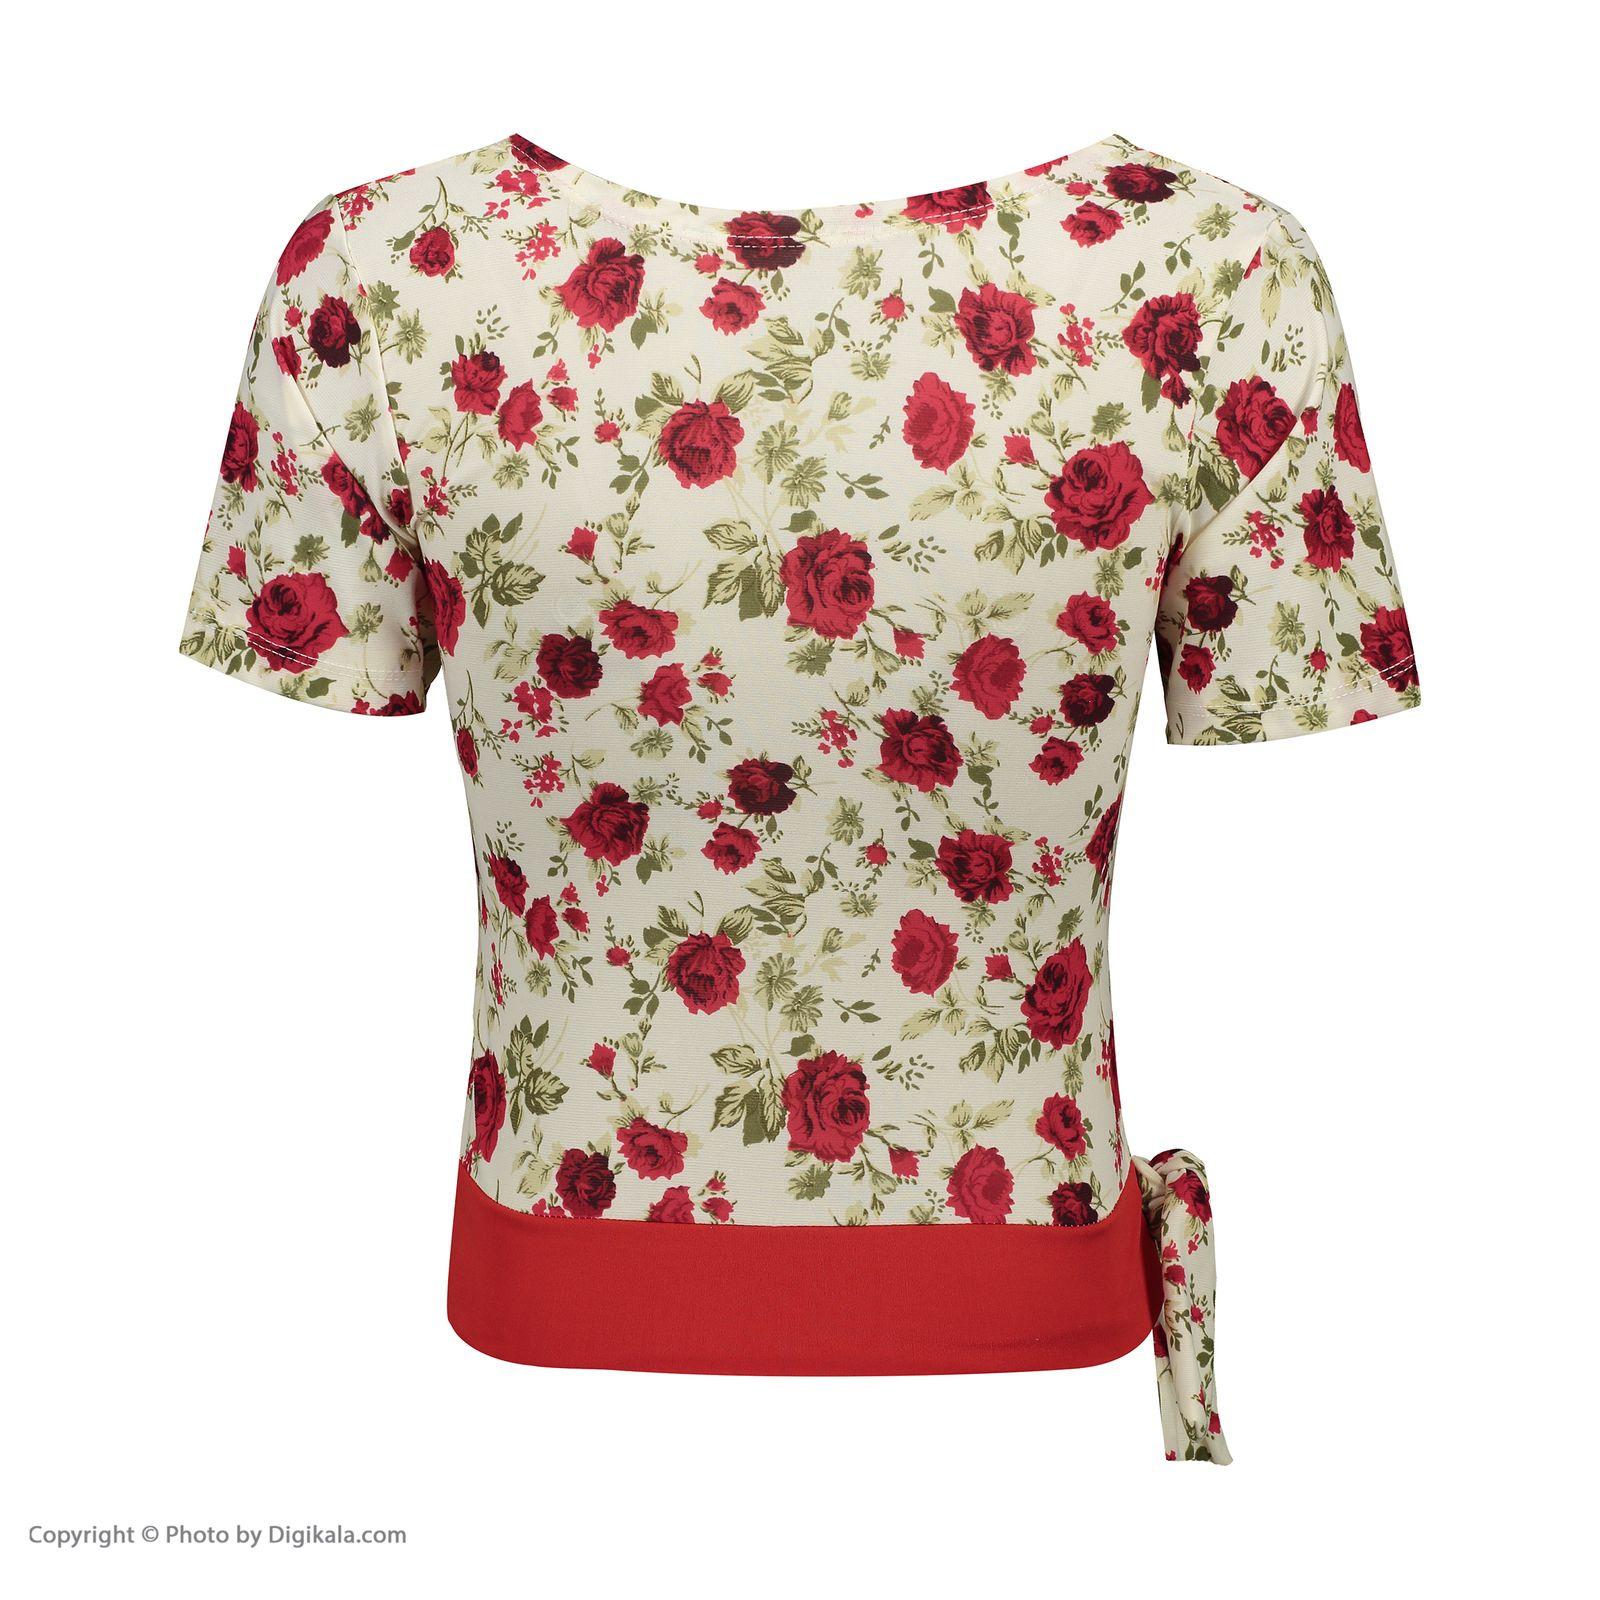 ست تی شرت و شلوارک زنانه کد 002 -  - 5